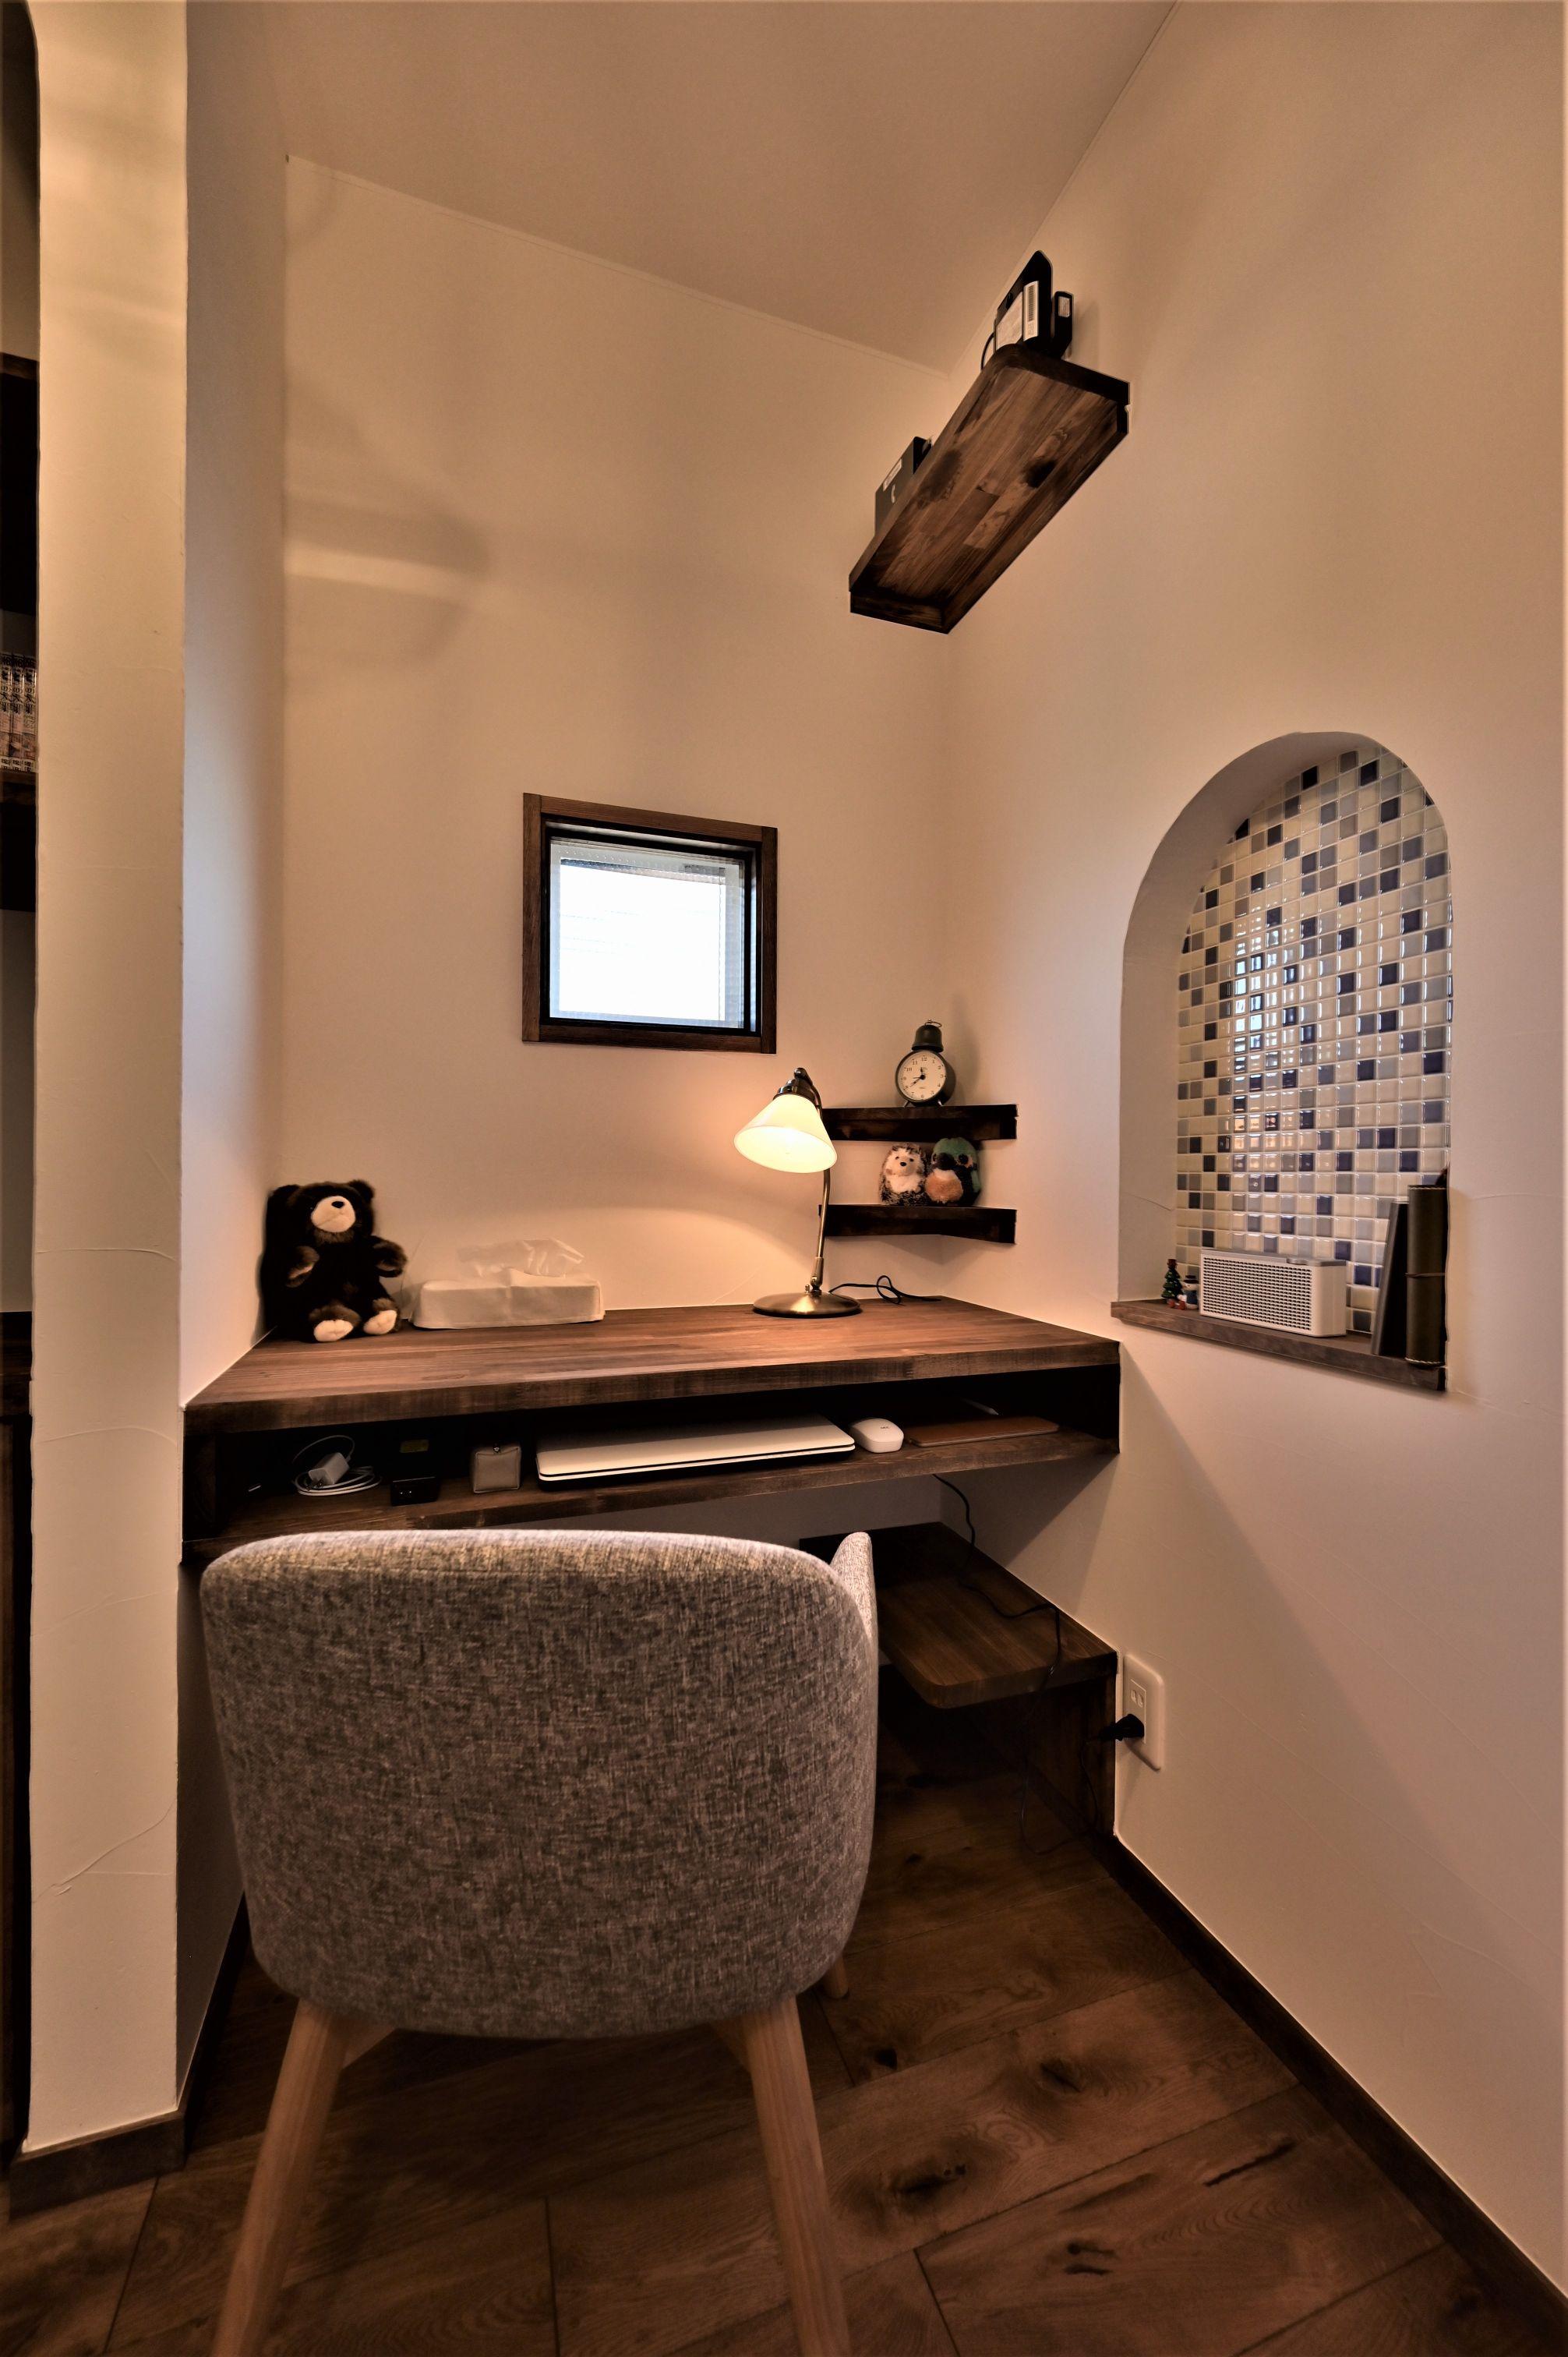 サンエフホーム【デザイン住宅、収納力、自然素材】書斎はご主人がリラックス出来る様に落ち着いた仕上げに